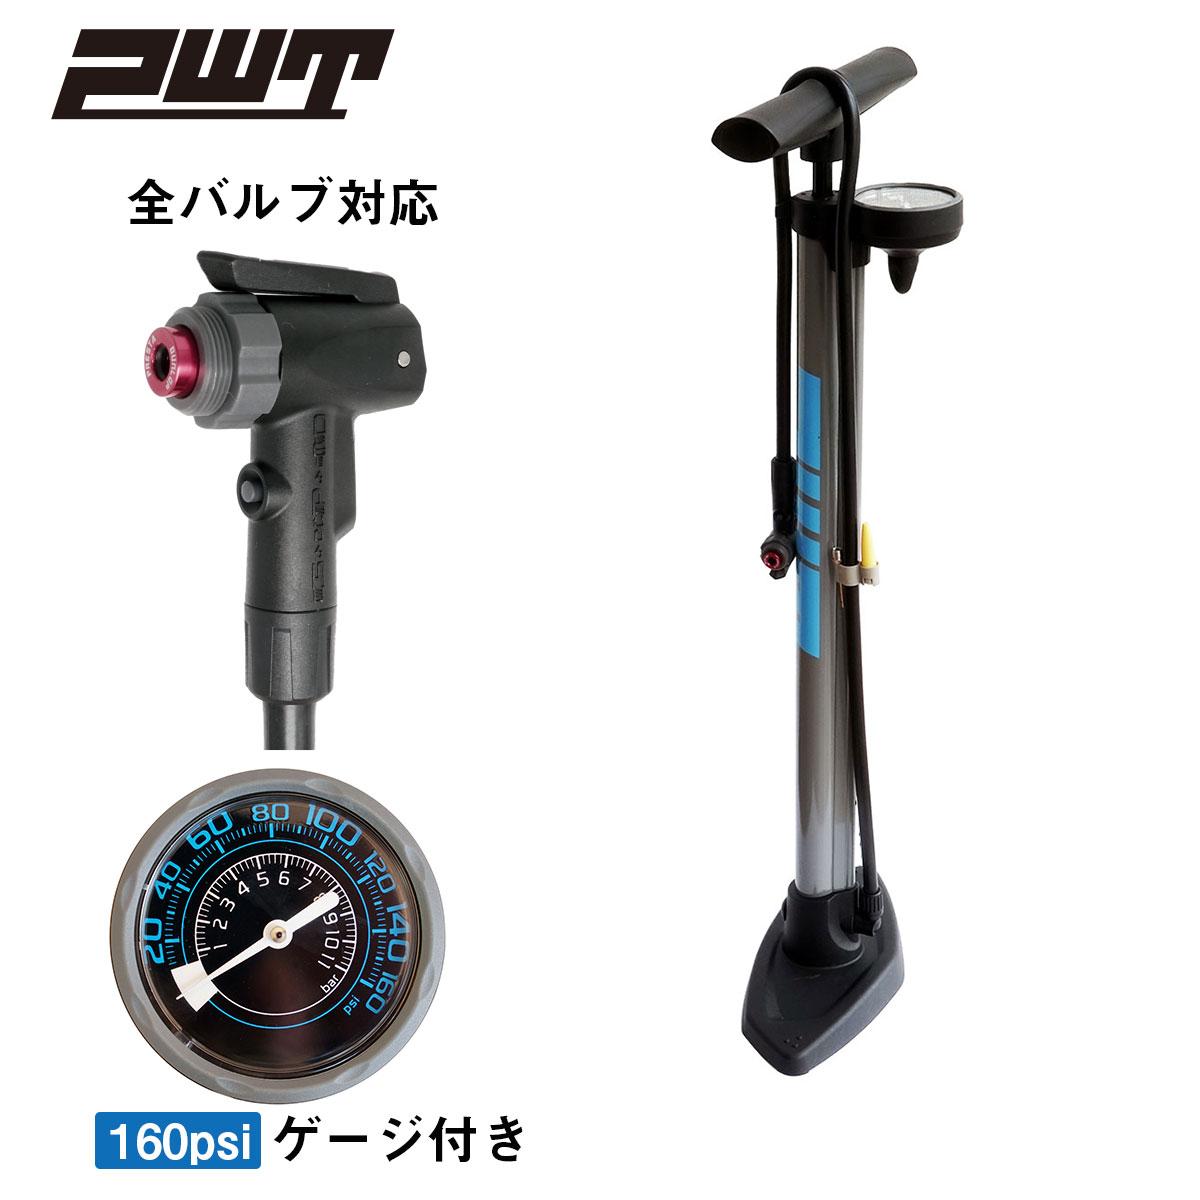 PWT ツインヘッドクレバーバルブ搭載 ゲージ付きフロアポンプ 仏式/米式/英式対応 空気入れ FP01